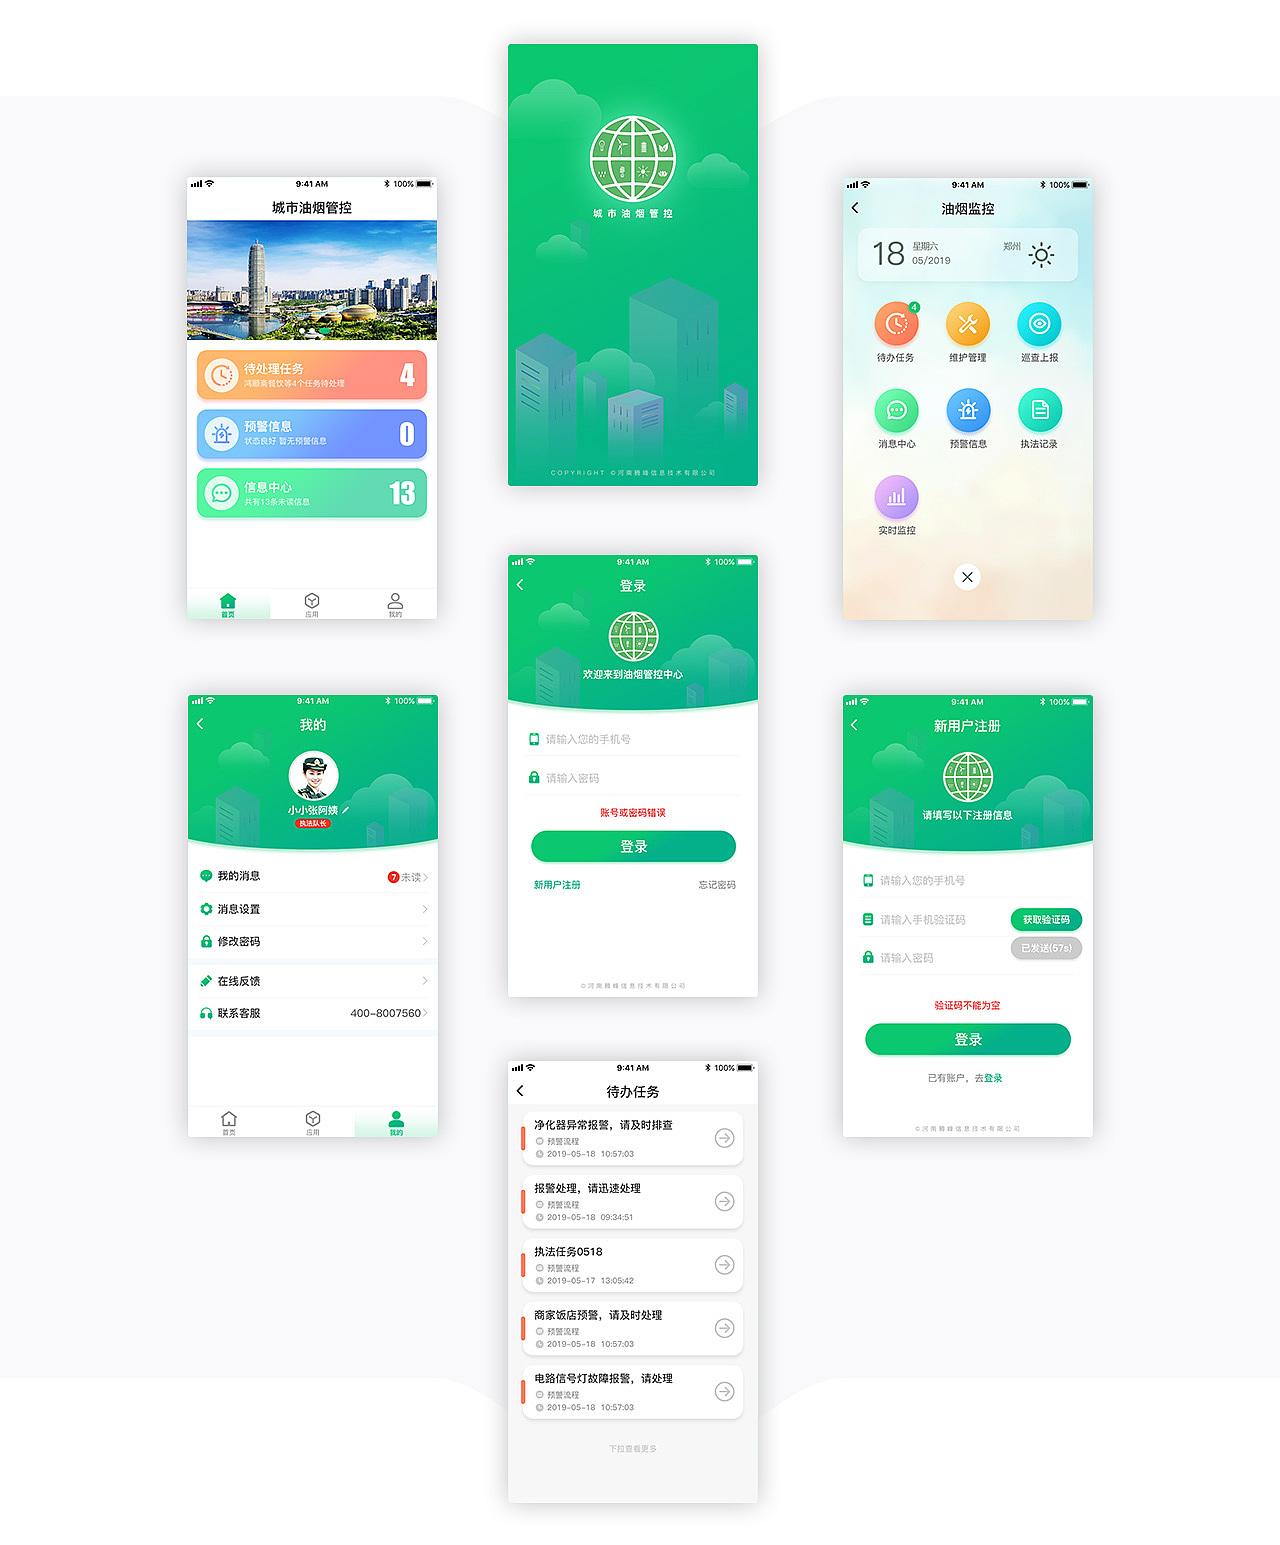 UI设计及H5页面设计整理上海建筑设计大厦图片